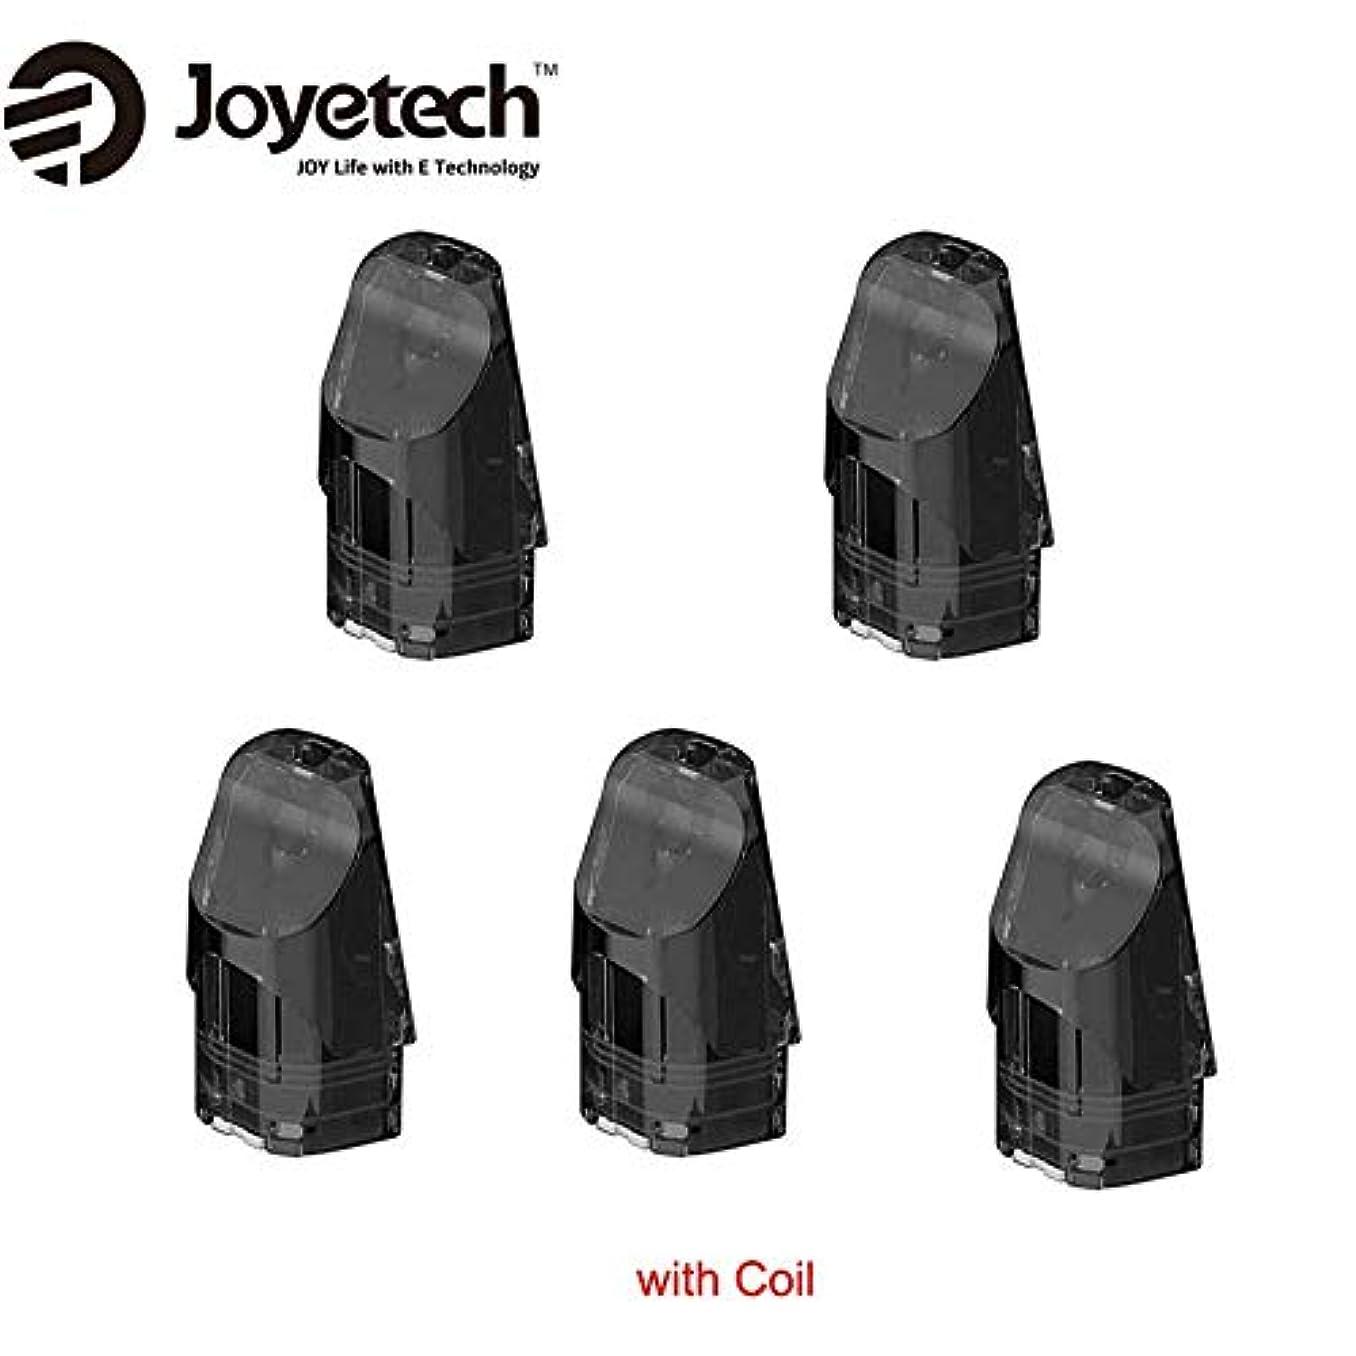 取り戻す頭痛コンドーム正規品Joyetech Exceed Edge Podカートリッジ 2ml 内蔵1.2ohmコイル 5個セット 1パック